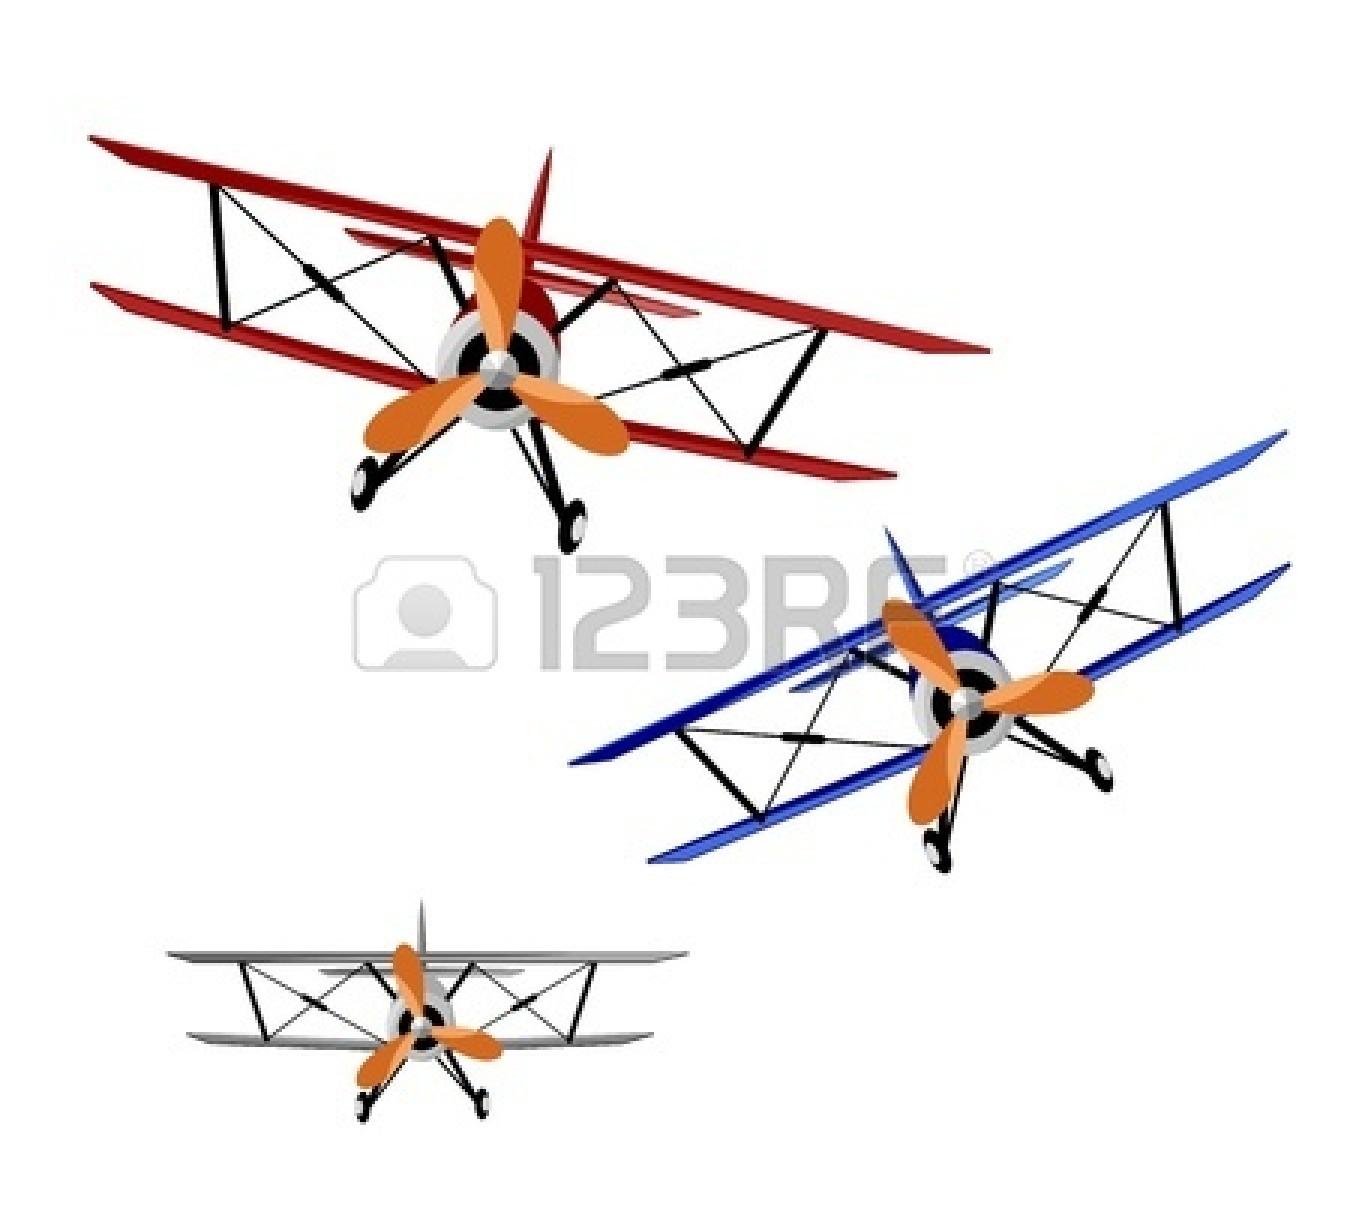 1350x1227 Aircraft Clipart Biplane